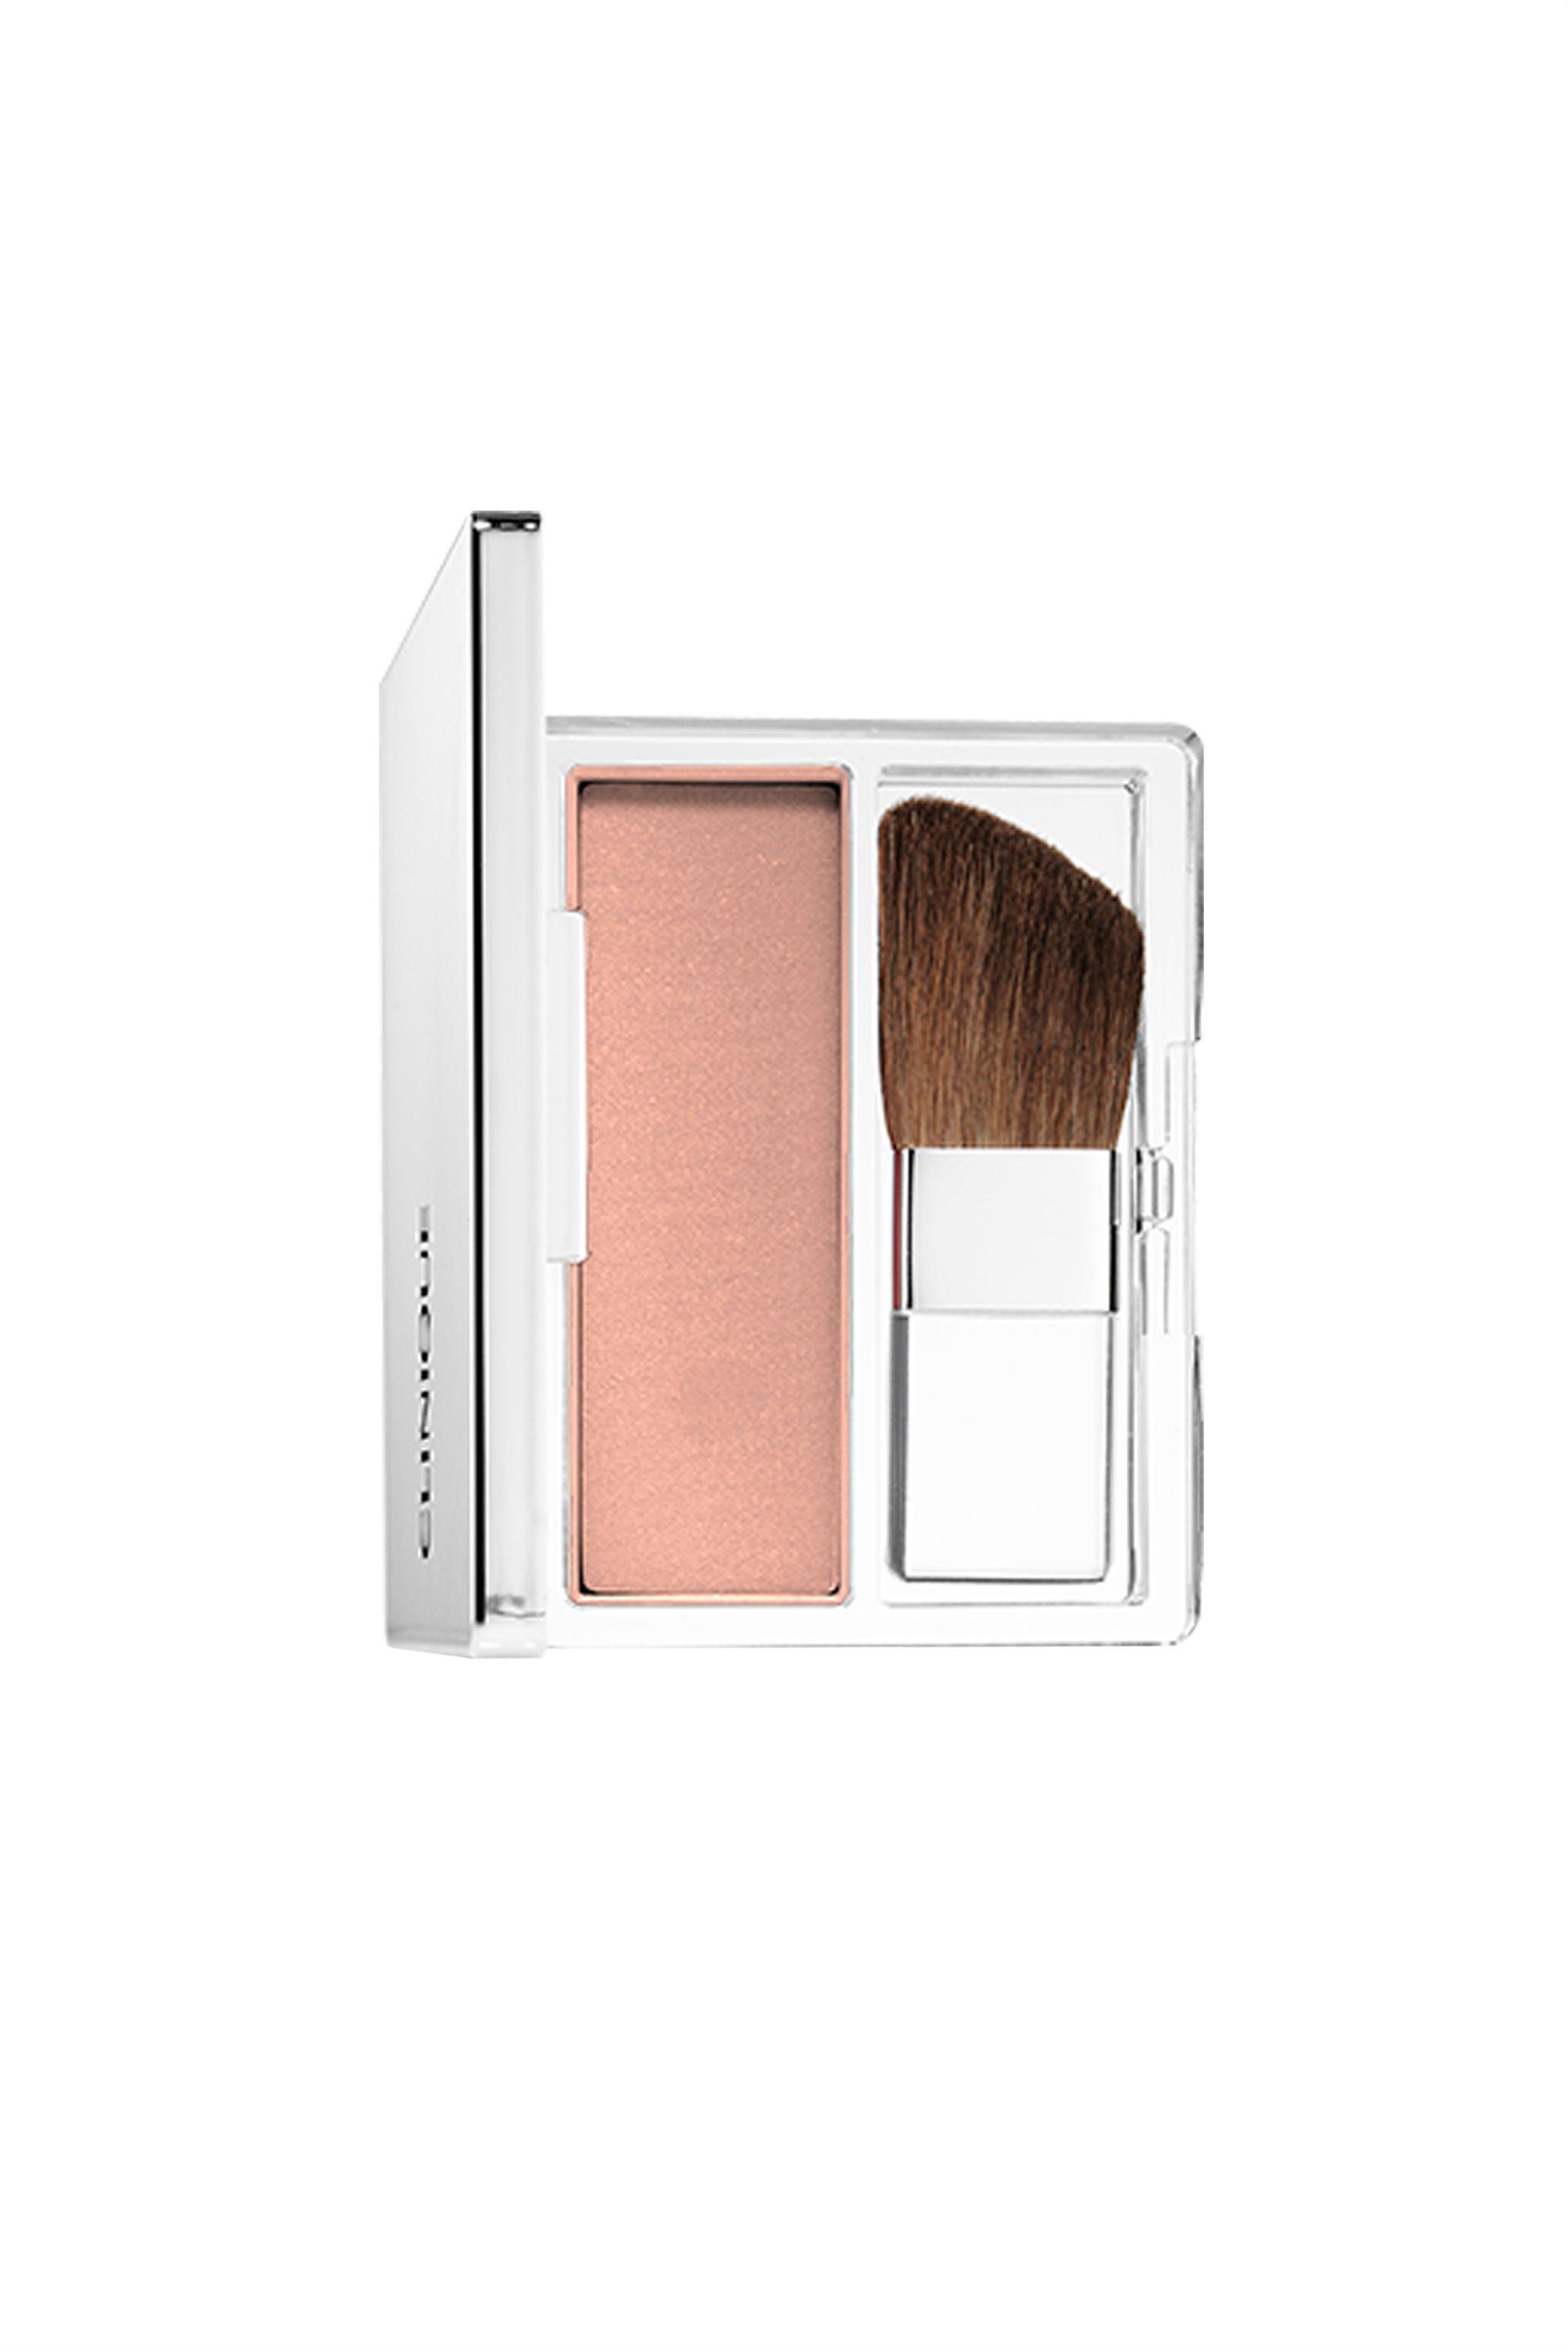 Clinique Blushing Blush™ Powder Blush 120 Bashfull Blush 6 gr. - 6FLK200000 ομορφια   καλλυντικα επιλεκτικησ   μακιγιάζ   πρόσωπο   ρουζ